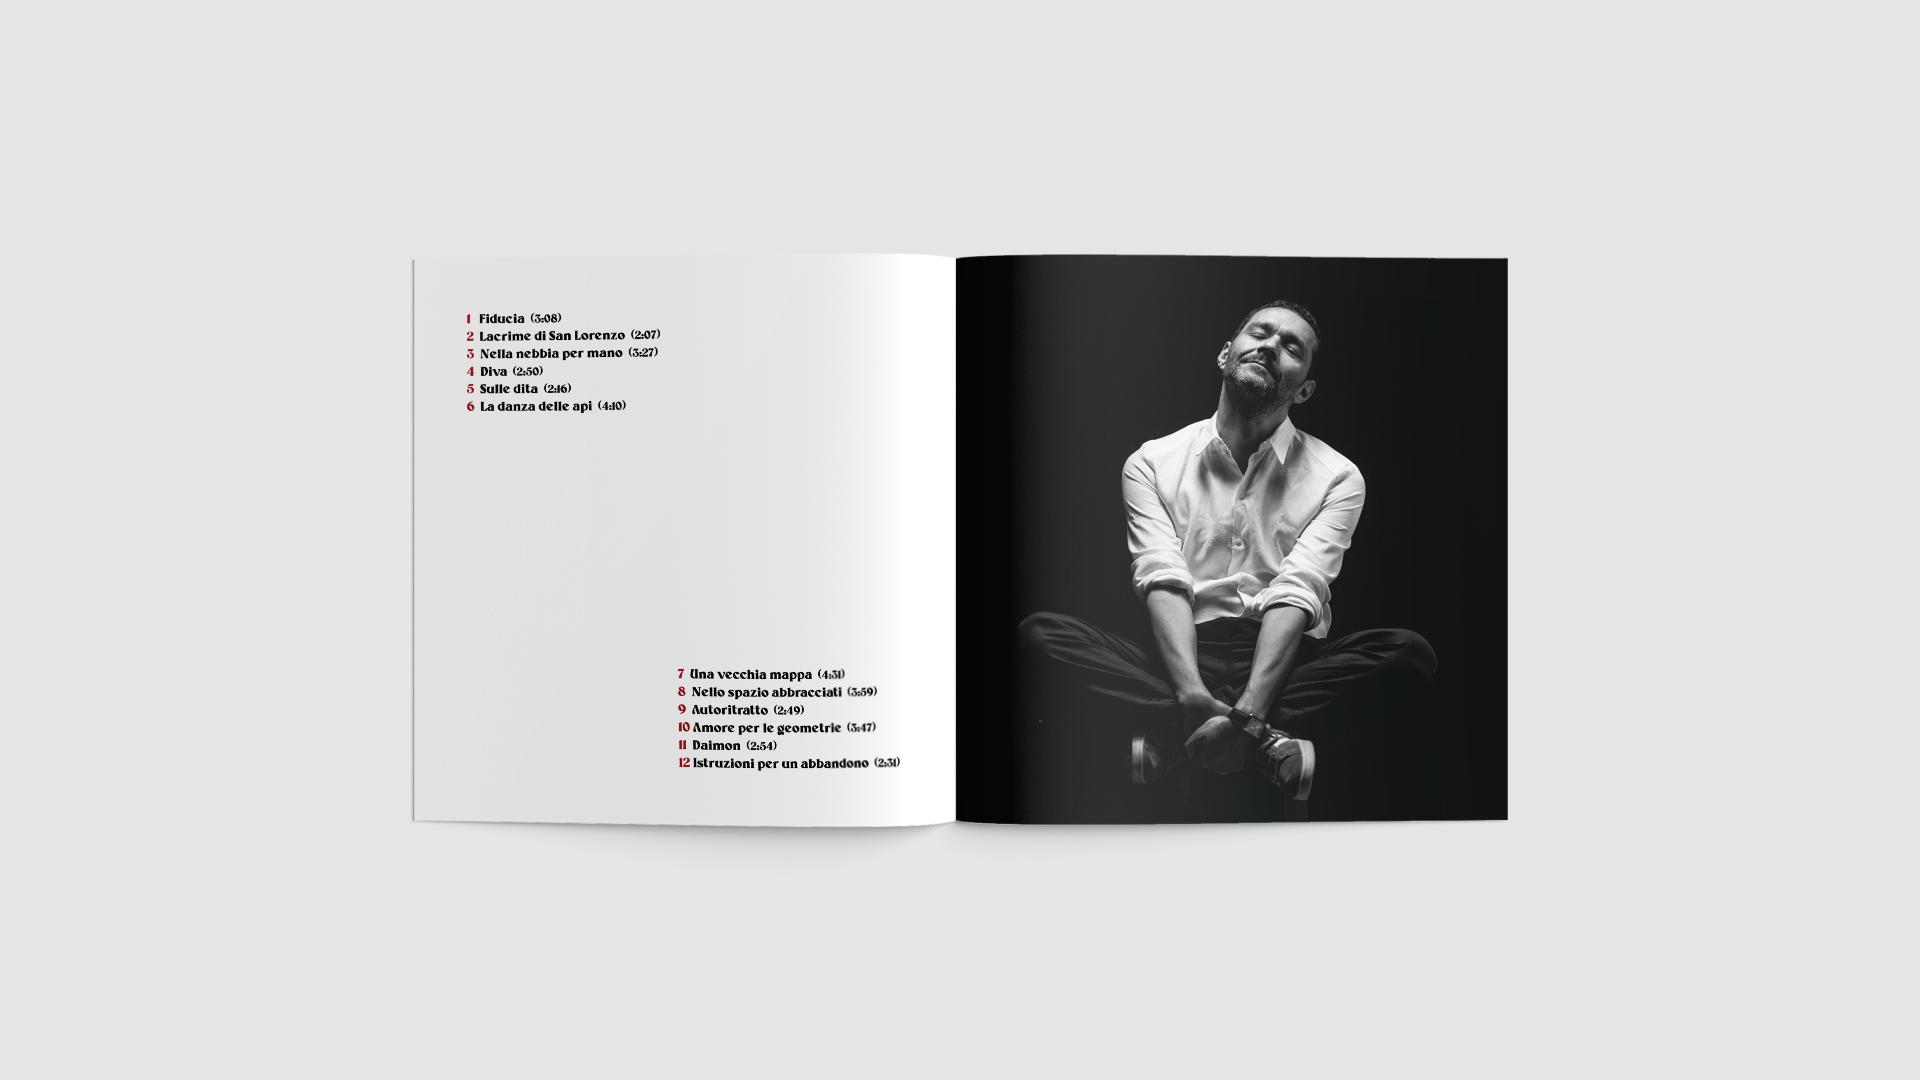 7 boosta davide dileo subsonica valentina ciandrini ciandreamy packaging graphic design